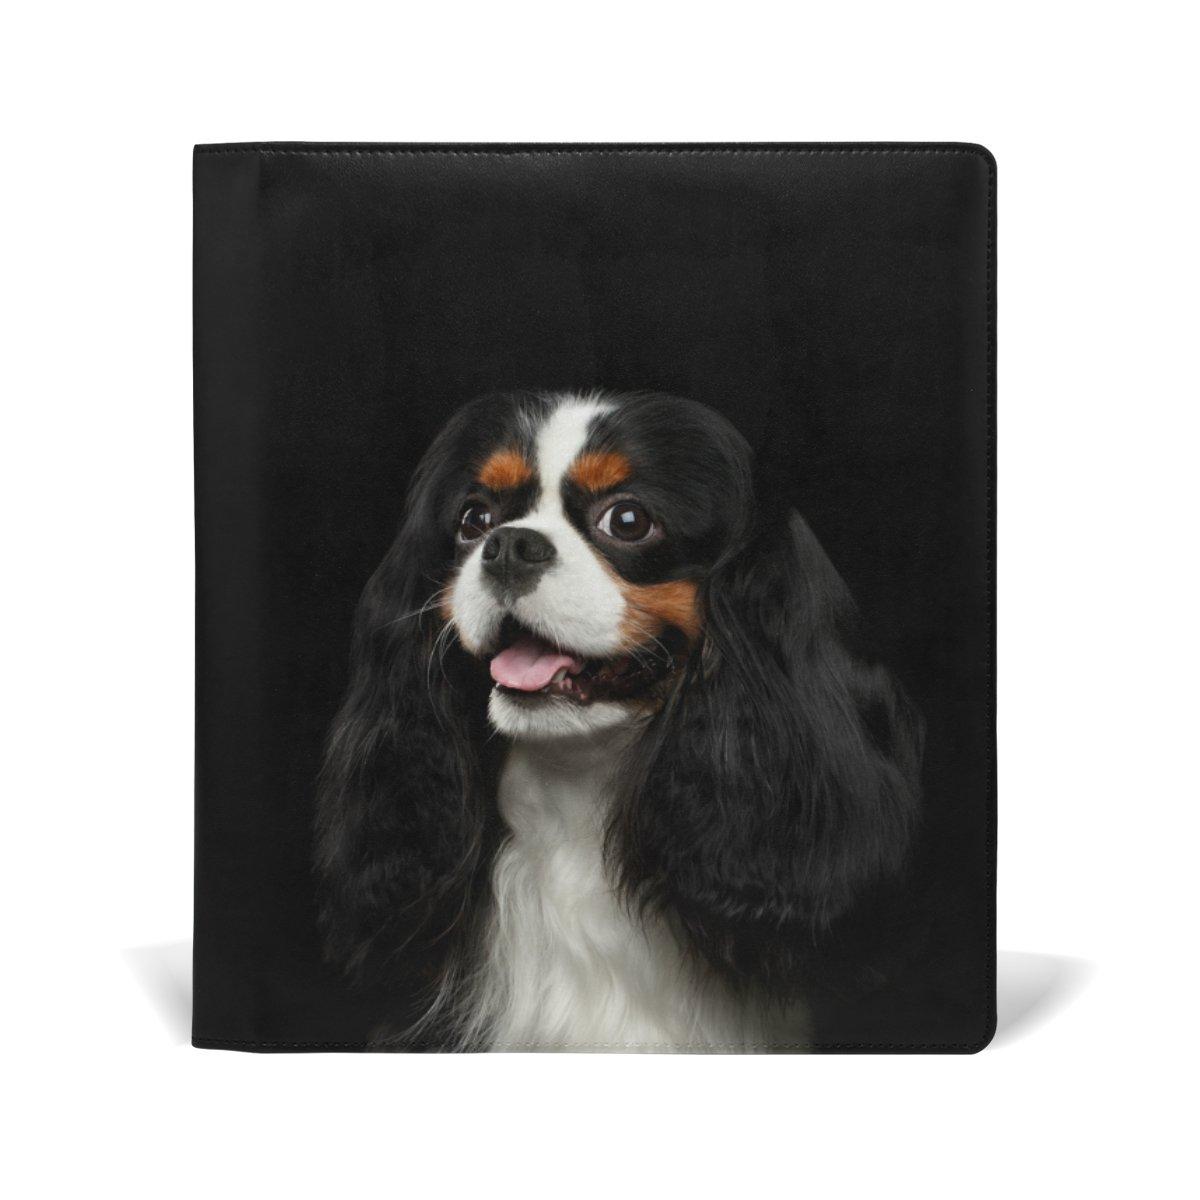 mydaily Leder, Cavalier King Charles Spaniel Hund, wiederverwendbar, mit Abdeckung, 9x 11cm, Jumbo-Größe Medium Hardcover Schulbücher von 9x 11cm